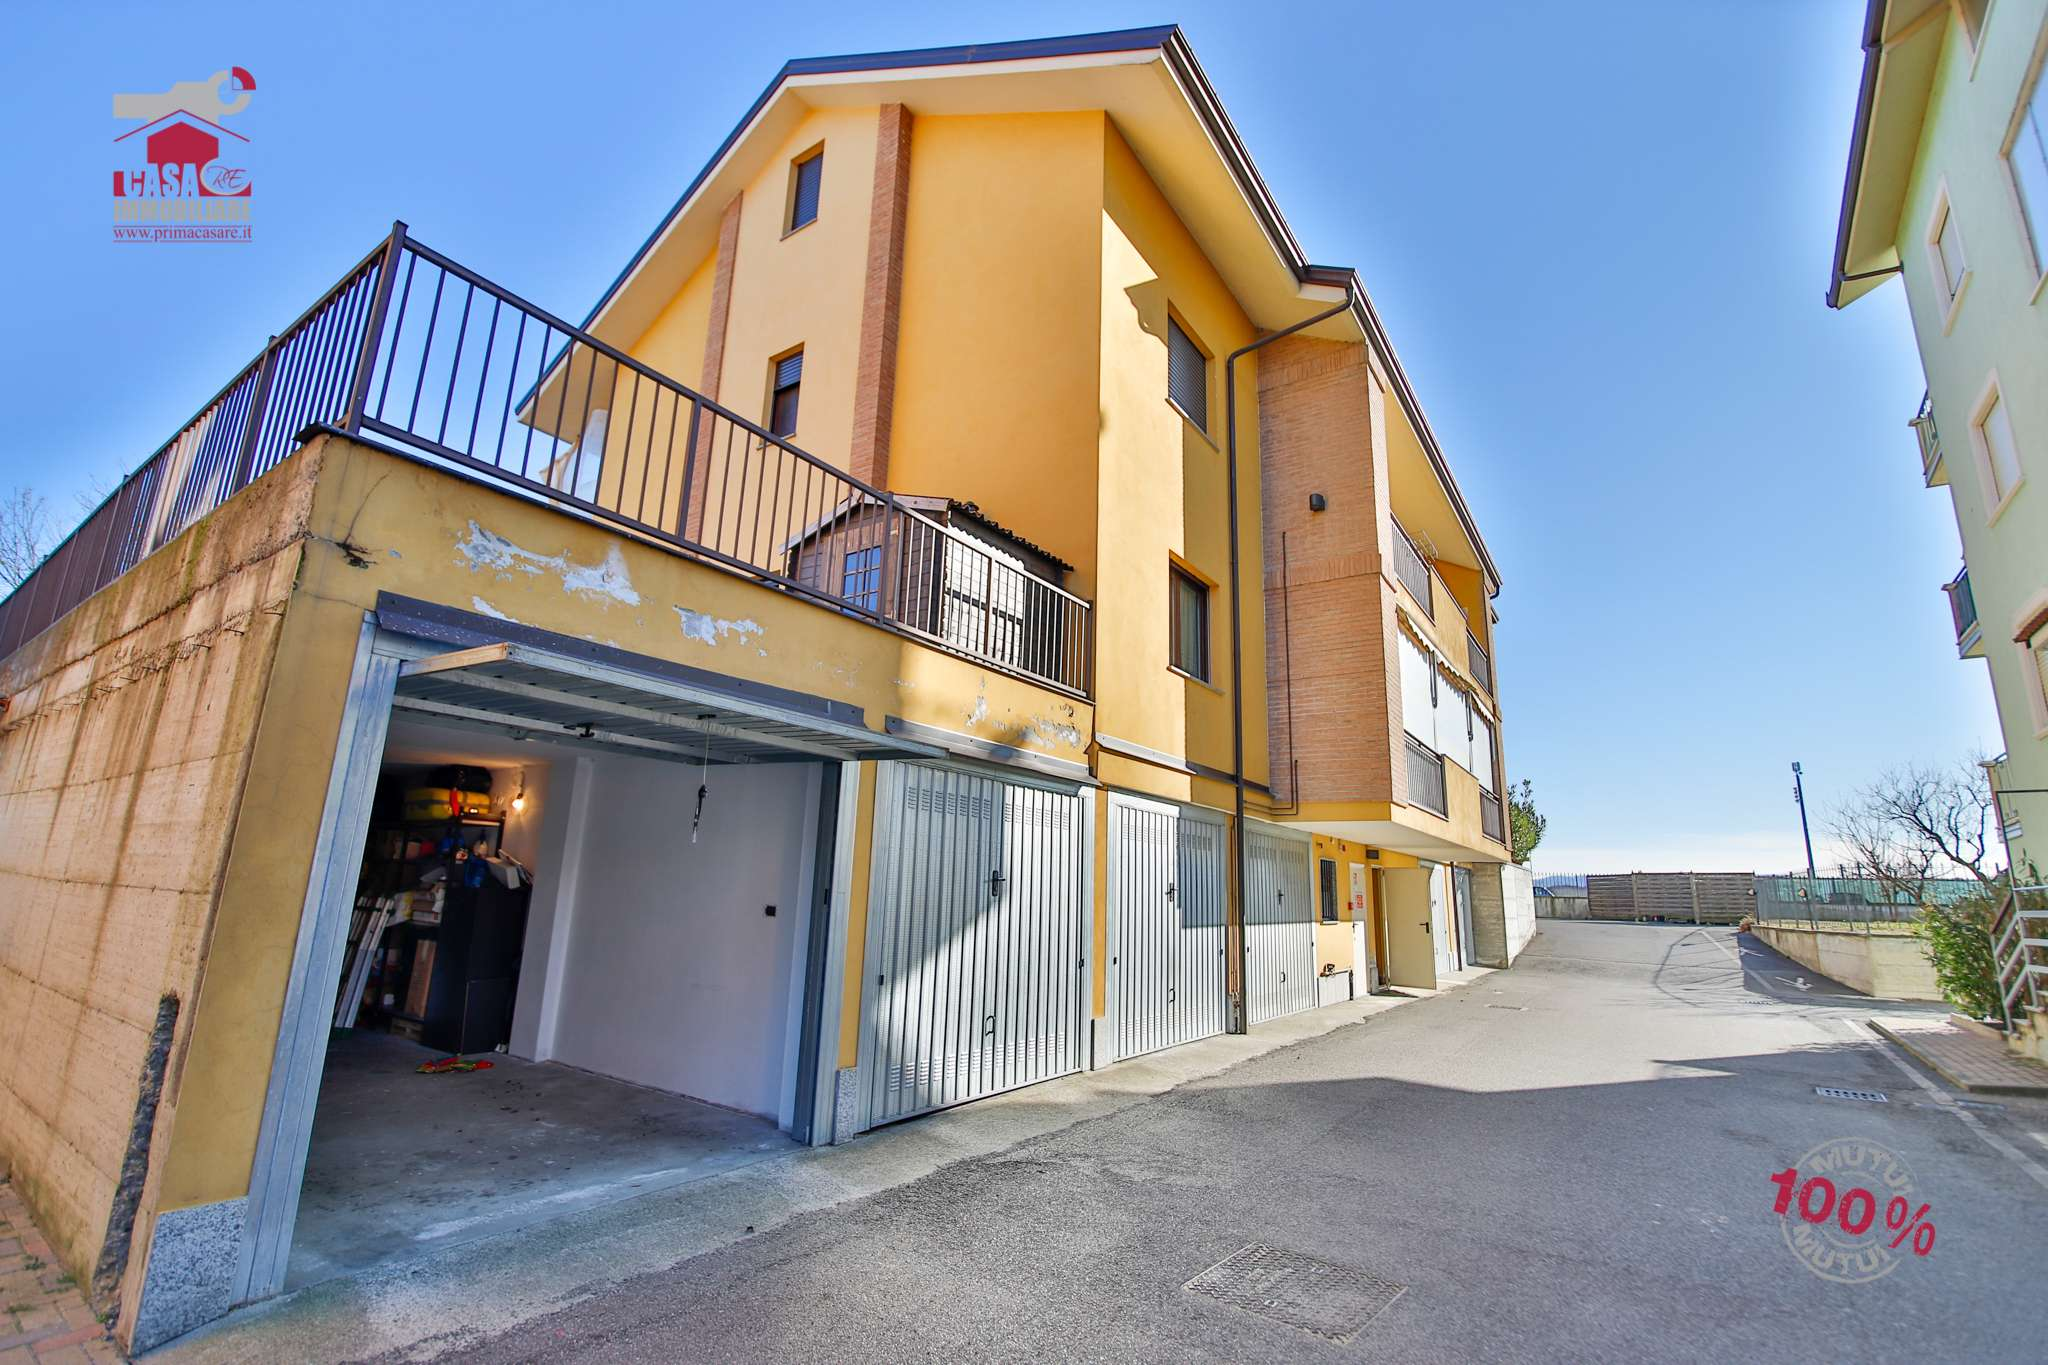 Appartamento in vendita a Volpiano, 3 locali, prezzo € 149.000 | CambioCasa.it